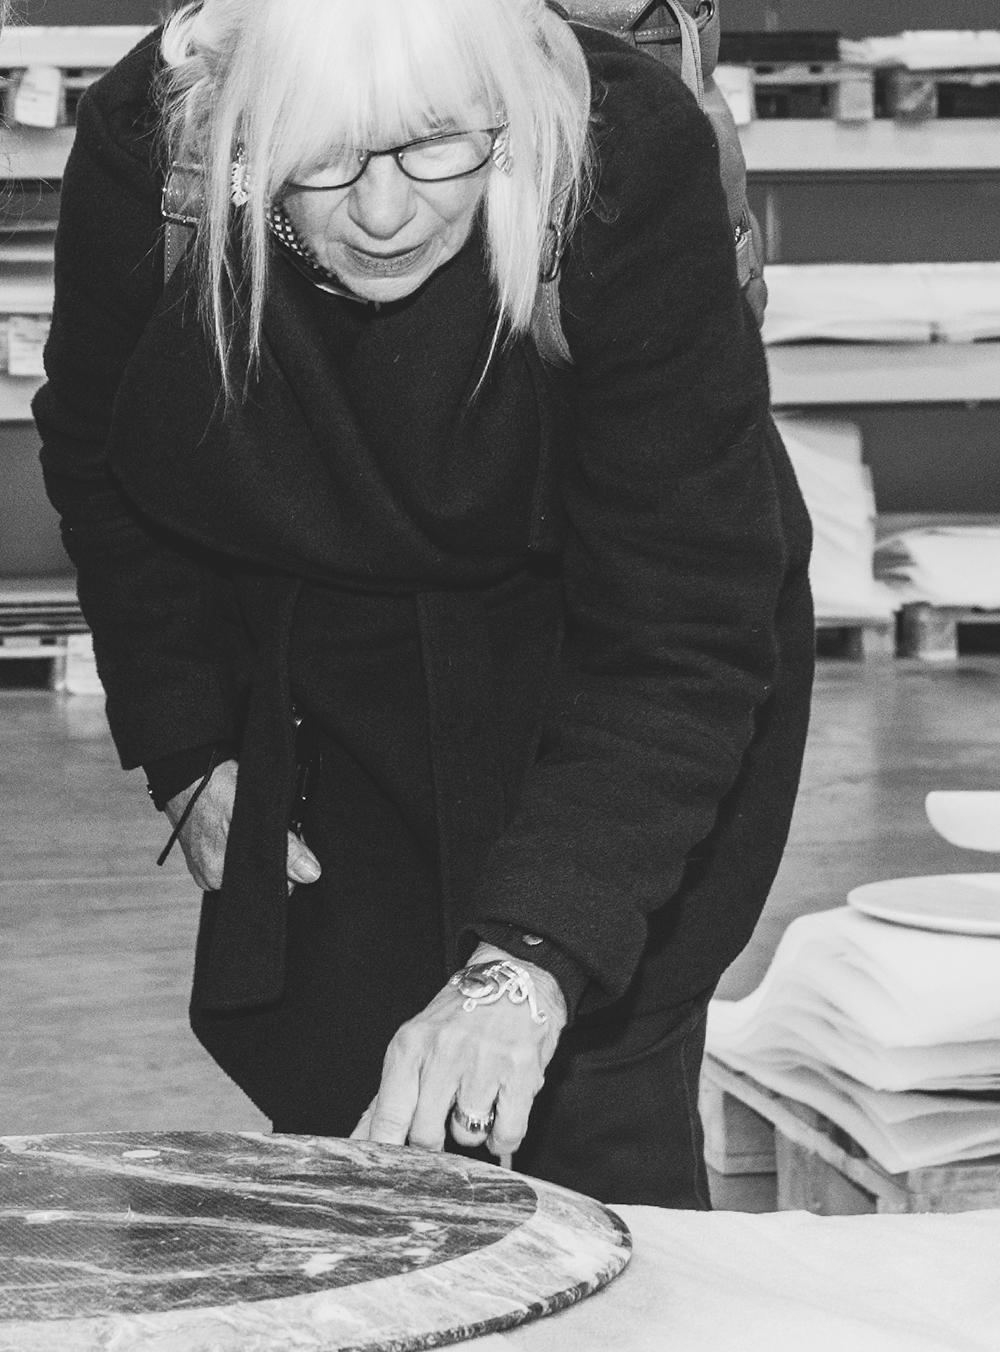 The daughter of Eero Saarinen in her recent visit to the Knoll factory in Foligno